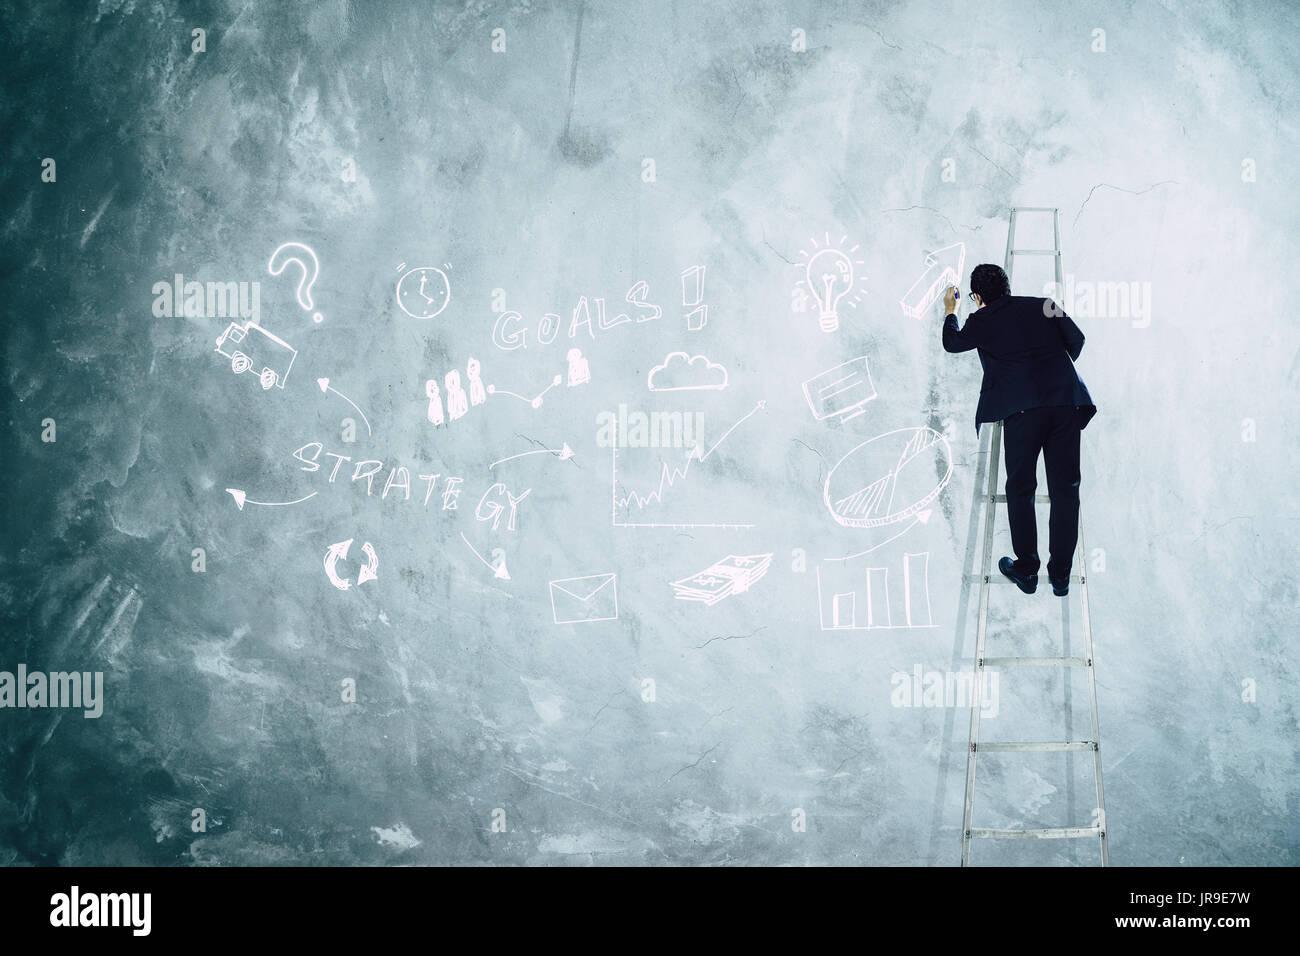 Männer Zeichnung Entwicklung Grafik Strategie auf die graue Wand. Stockbild